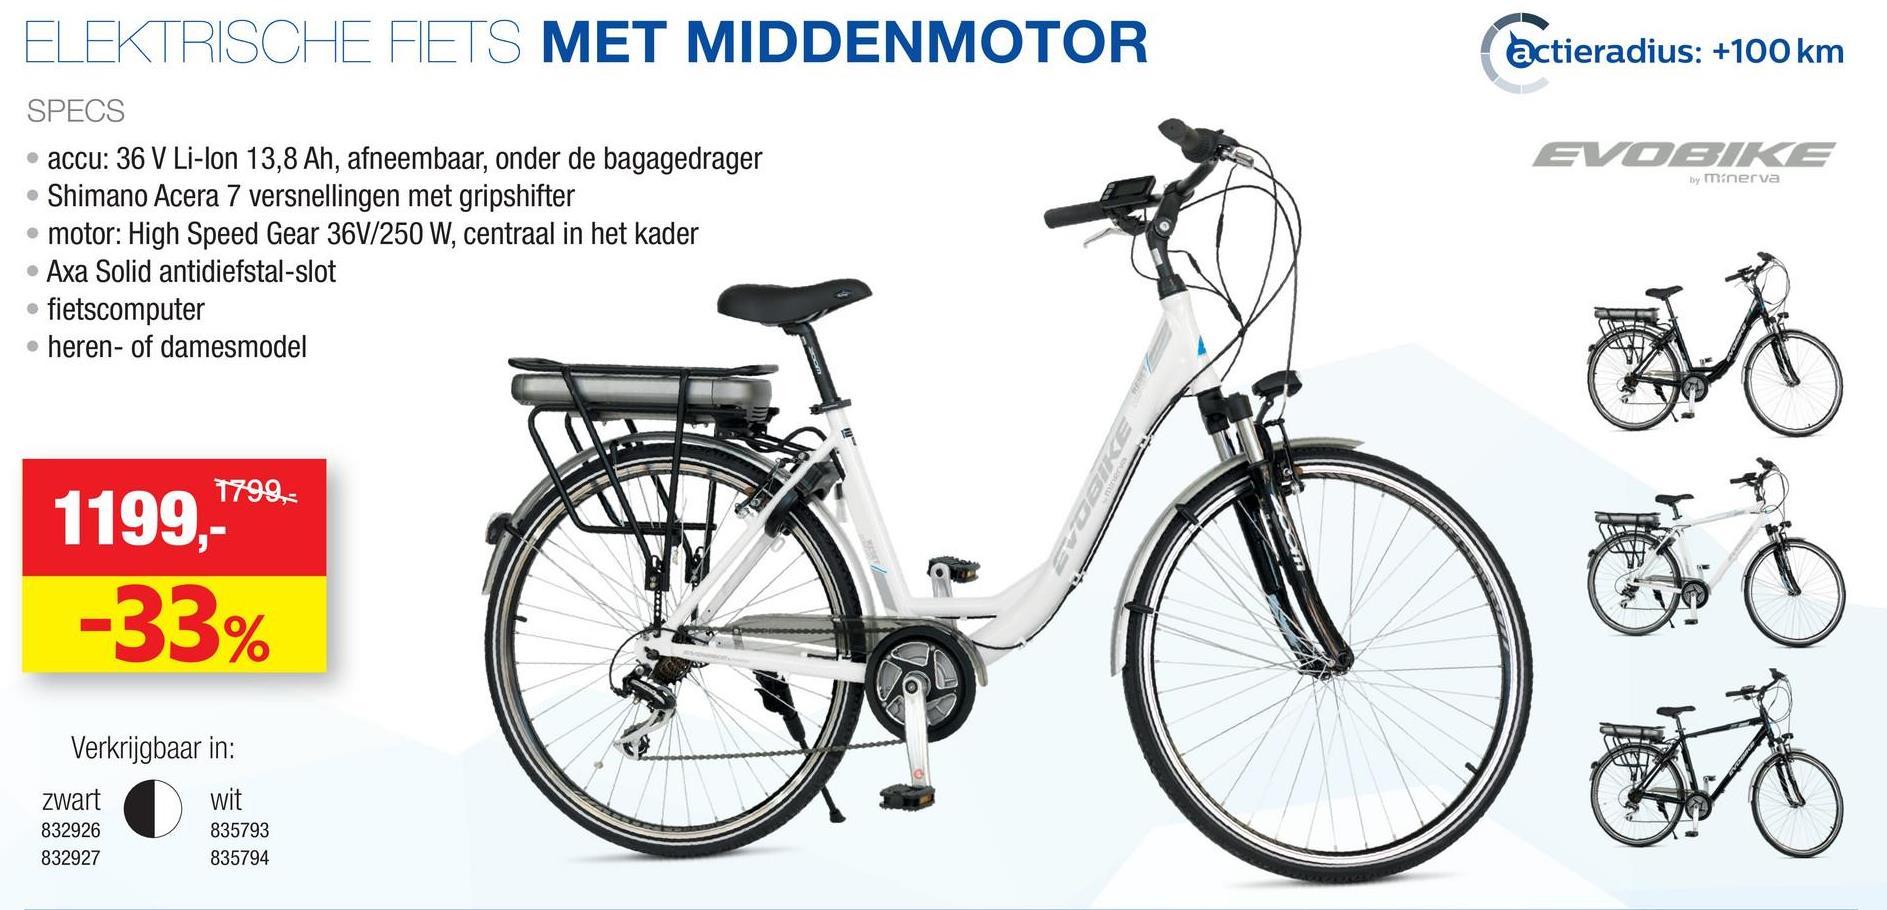 """Elektrische damesfiets C-motor 36V zwart Deze zwarte Evobike elektrische damesfiets met middenmotor hecht belang aan sportiviteit, gekoppeld aan elegantie en schoonheid. Een accu die perfect veilig uitneem- en vergrendelbaar is en de centraal ingebouwde krachtige motor zorgt voor de perfecte combinatie tussen inspanning en ontspanning, waardoor fietsen weer een plezier wordt.<ul><li>Remmen: Alu V-brakes voor en achter</li><li>Versnellingen: Shimano 7 speed Shimano Acera</li><li>Motor: High speed gear 36V/250 WATT, centraal ingewerkt in het kader</li><li>Accu: Li-ion 36V 13,8Ah, afneembaar onder bagagedrager</li><li>Actieradius accu: ongeveer 100km</li><li>Traploze ondersteuning door middel van computer op het stuur in 6 posities</li><li>Wielmaat: 28""""</li><li>Hoogte frame: 49cm</li><li>Slot: Axa Solid</li><li>Verende voorvork</li><li>Banden met zijreflectie</li><li>Verstelbare stuurpen</li></ul>"""